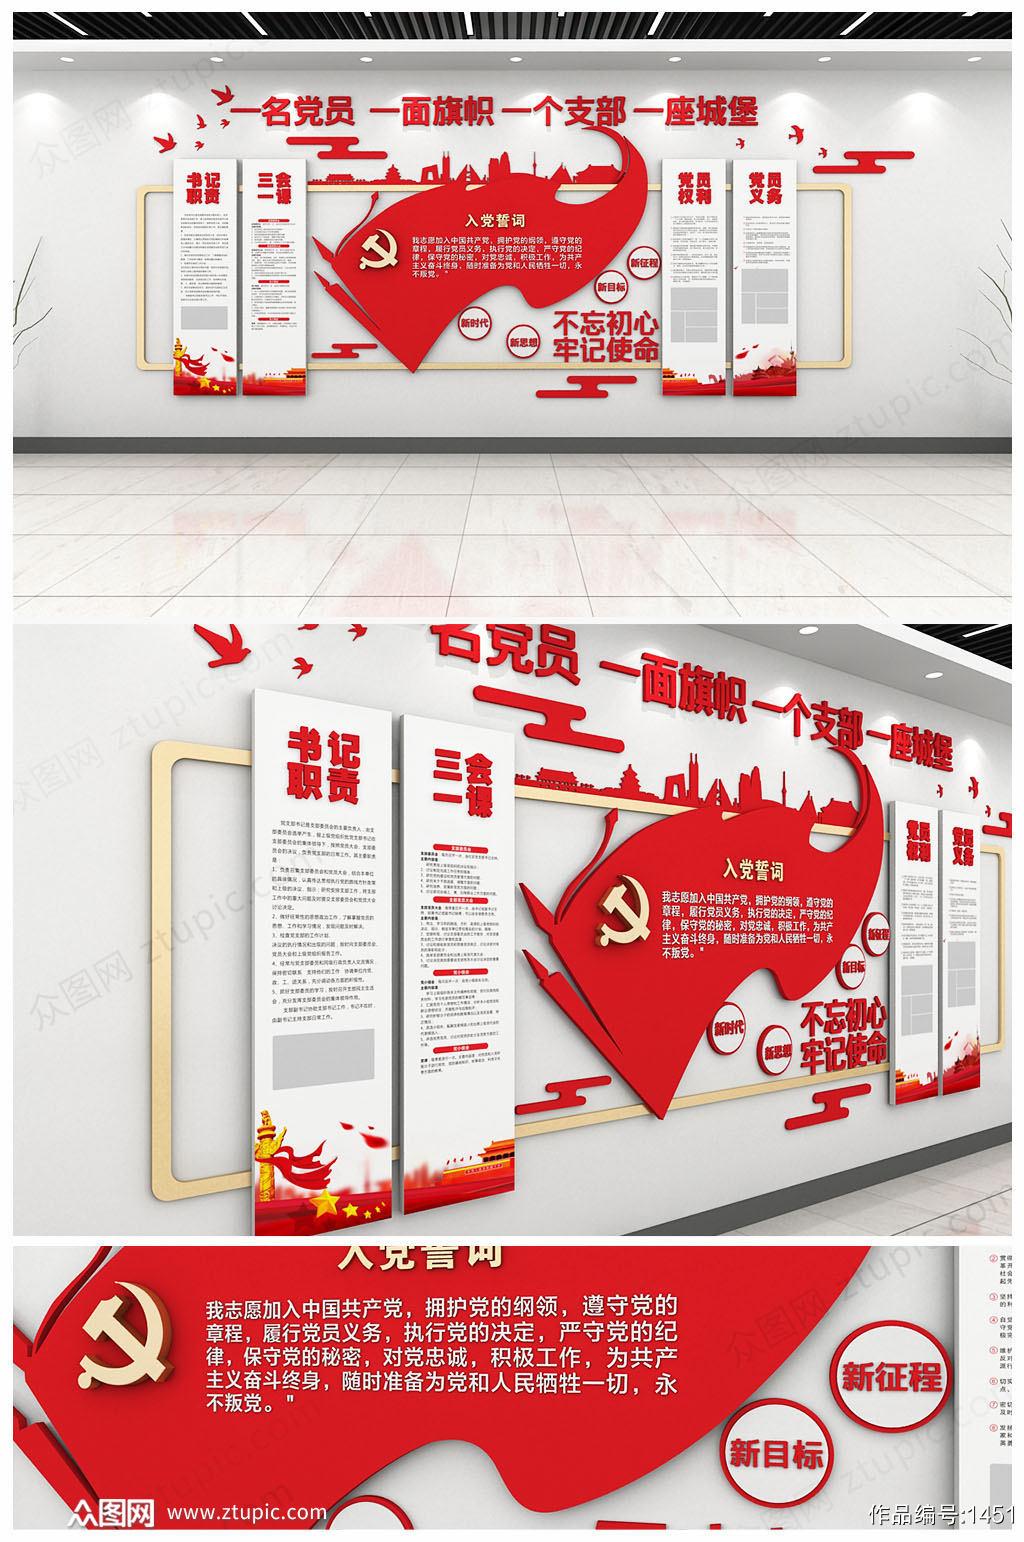 原创入党誓词制度党建文化墙党员活动室文化墙设计素材